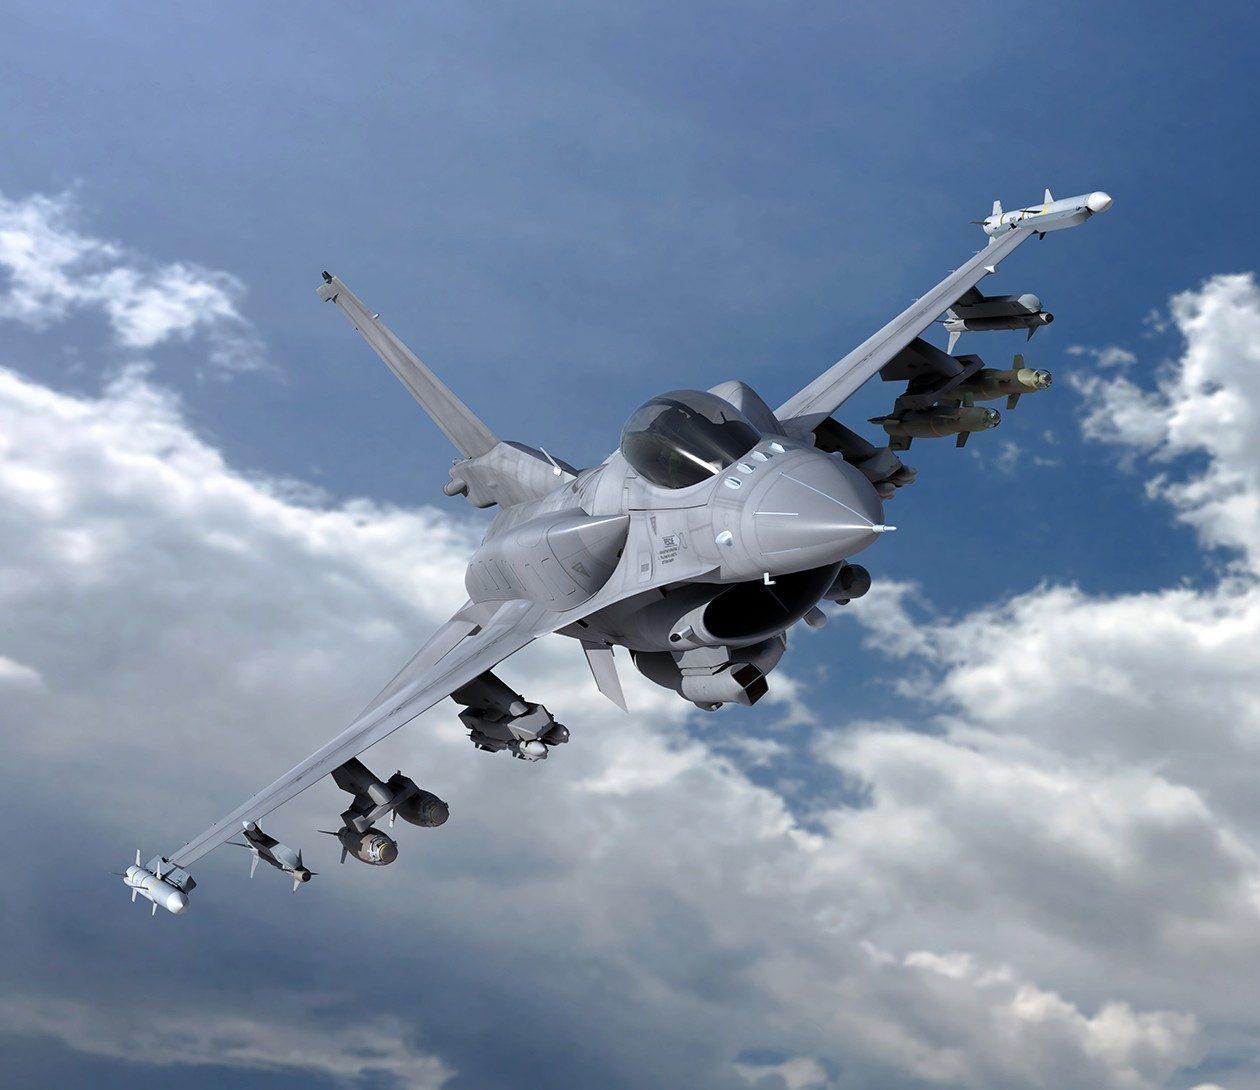 F-16V執行對地打擊任務的示意圖:機背加掛兩個低阻力適型油箱,國軍F-16A/...